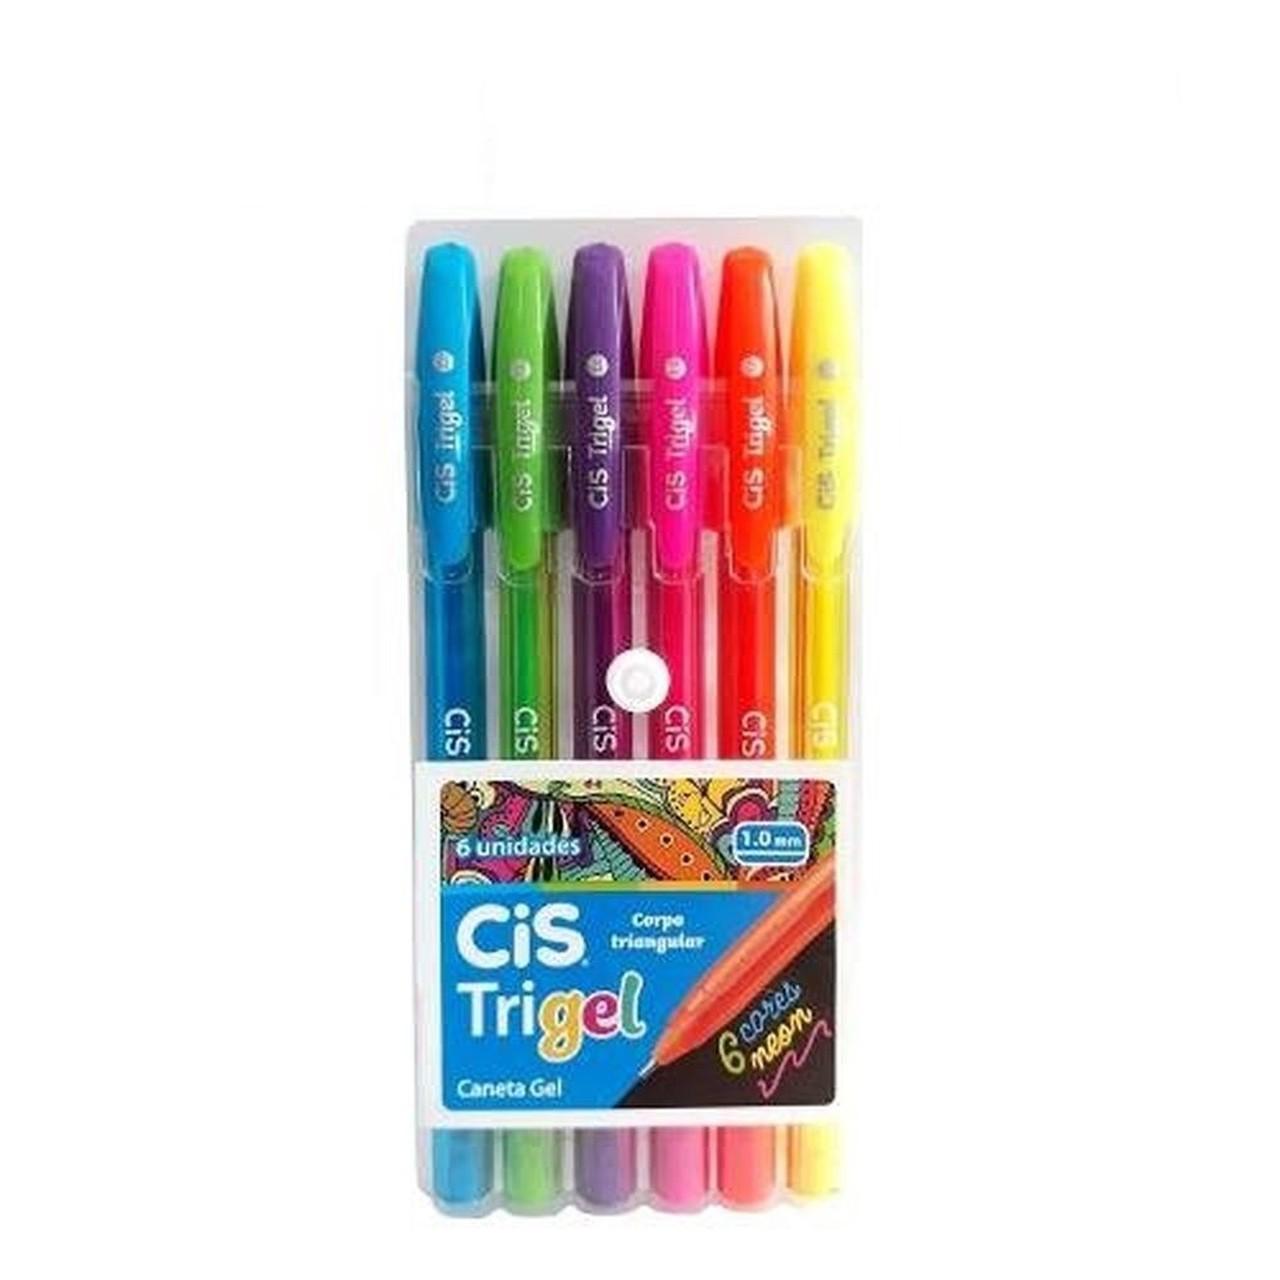 Kit c/ 6 Canetas Cis Trigel Cores Neon